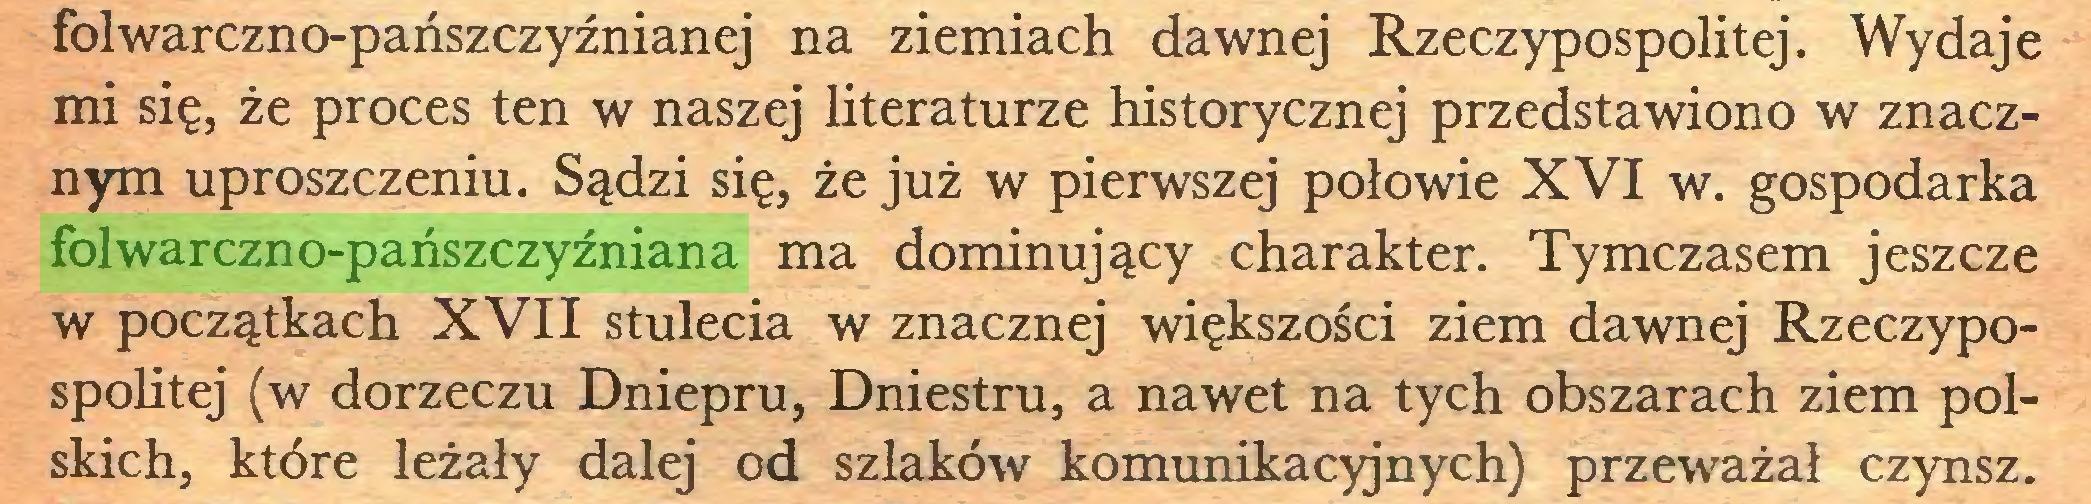 (...) folwarczno-pańszczyźnianej na ziemiach dawnej Rzeczypospolitej. Wydaje mi się, że proces ten w naszej literaturze historycznej przedstawiono w znacznym uproszczeniu. Sądzi się, że już w pierwszej połowie XVI w. gospodarka folwarczno-pańszczyźniana ma dominujący charakter. Tymczasem jeszcze w początkach XVII stulecia w znacznej większości ziem dawnej Rzeczypospolitej (w dorzeczu Dniepru, Dniestru, a nawet na tych obszarach ziem polskich, które leżały dalej od szlaków komunikacyjnych) przeważał czynsz...